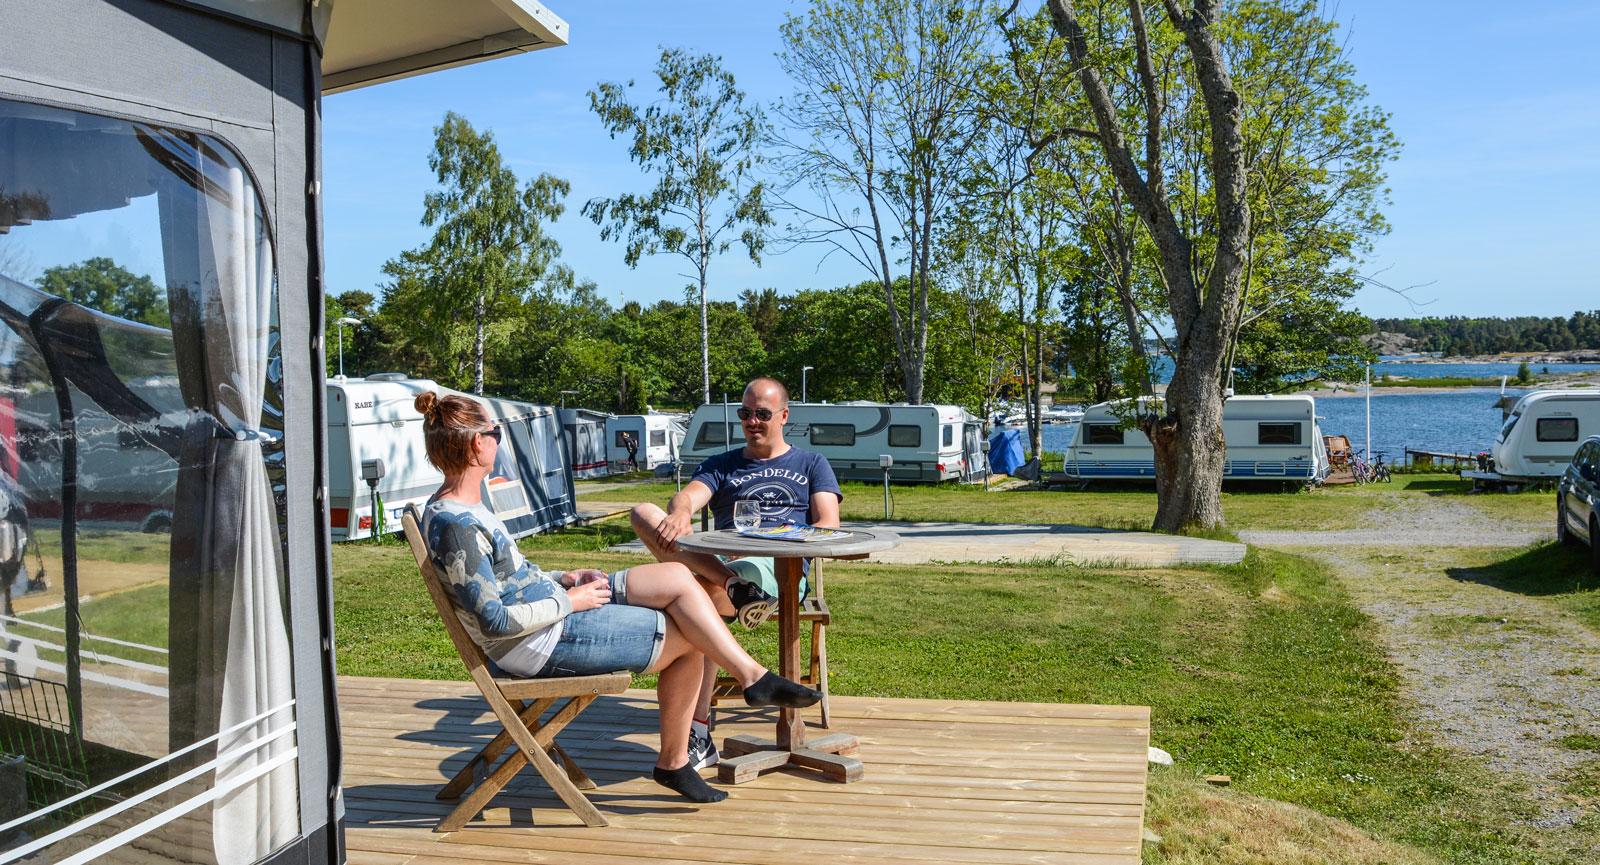 Som en sommarstuga fast med fler möjligheter och färre krav. Så beskriver Marcus och Christine sitt nya fritidshus på hjul.